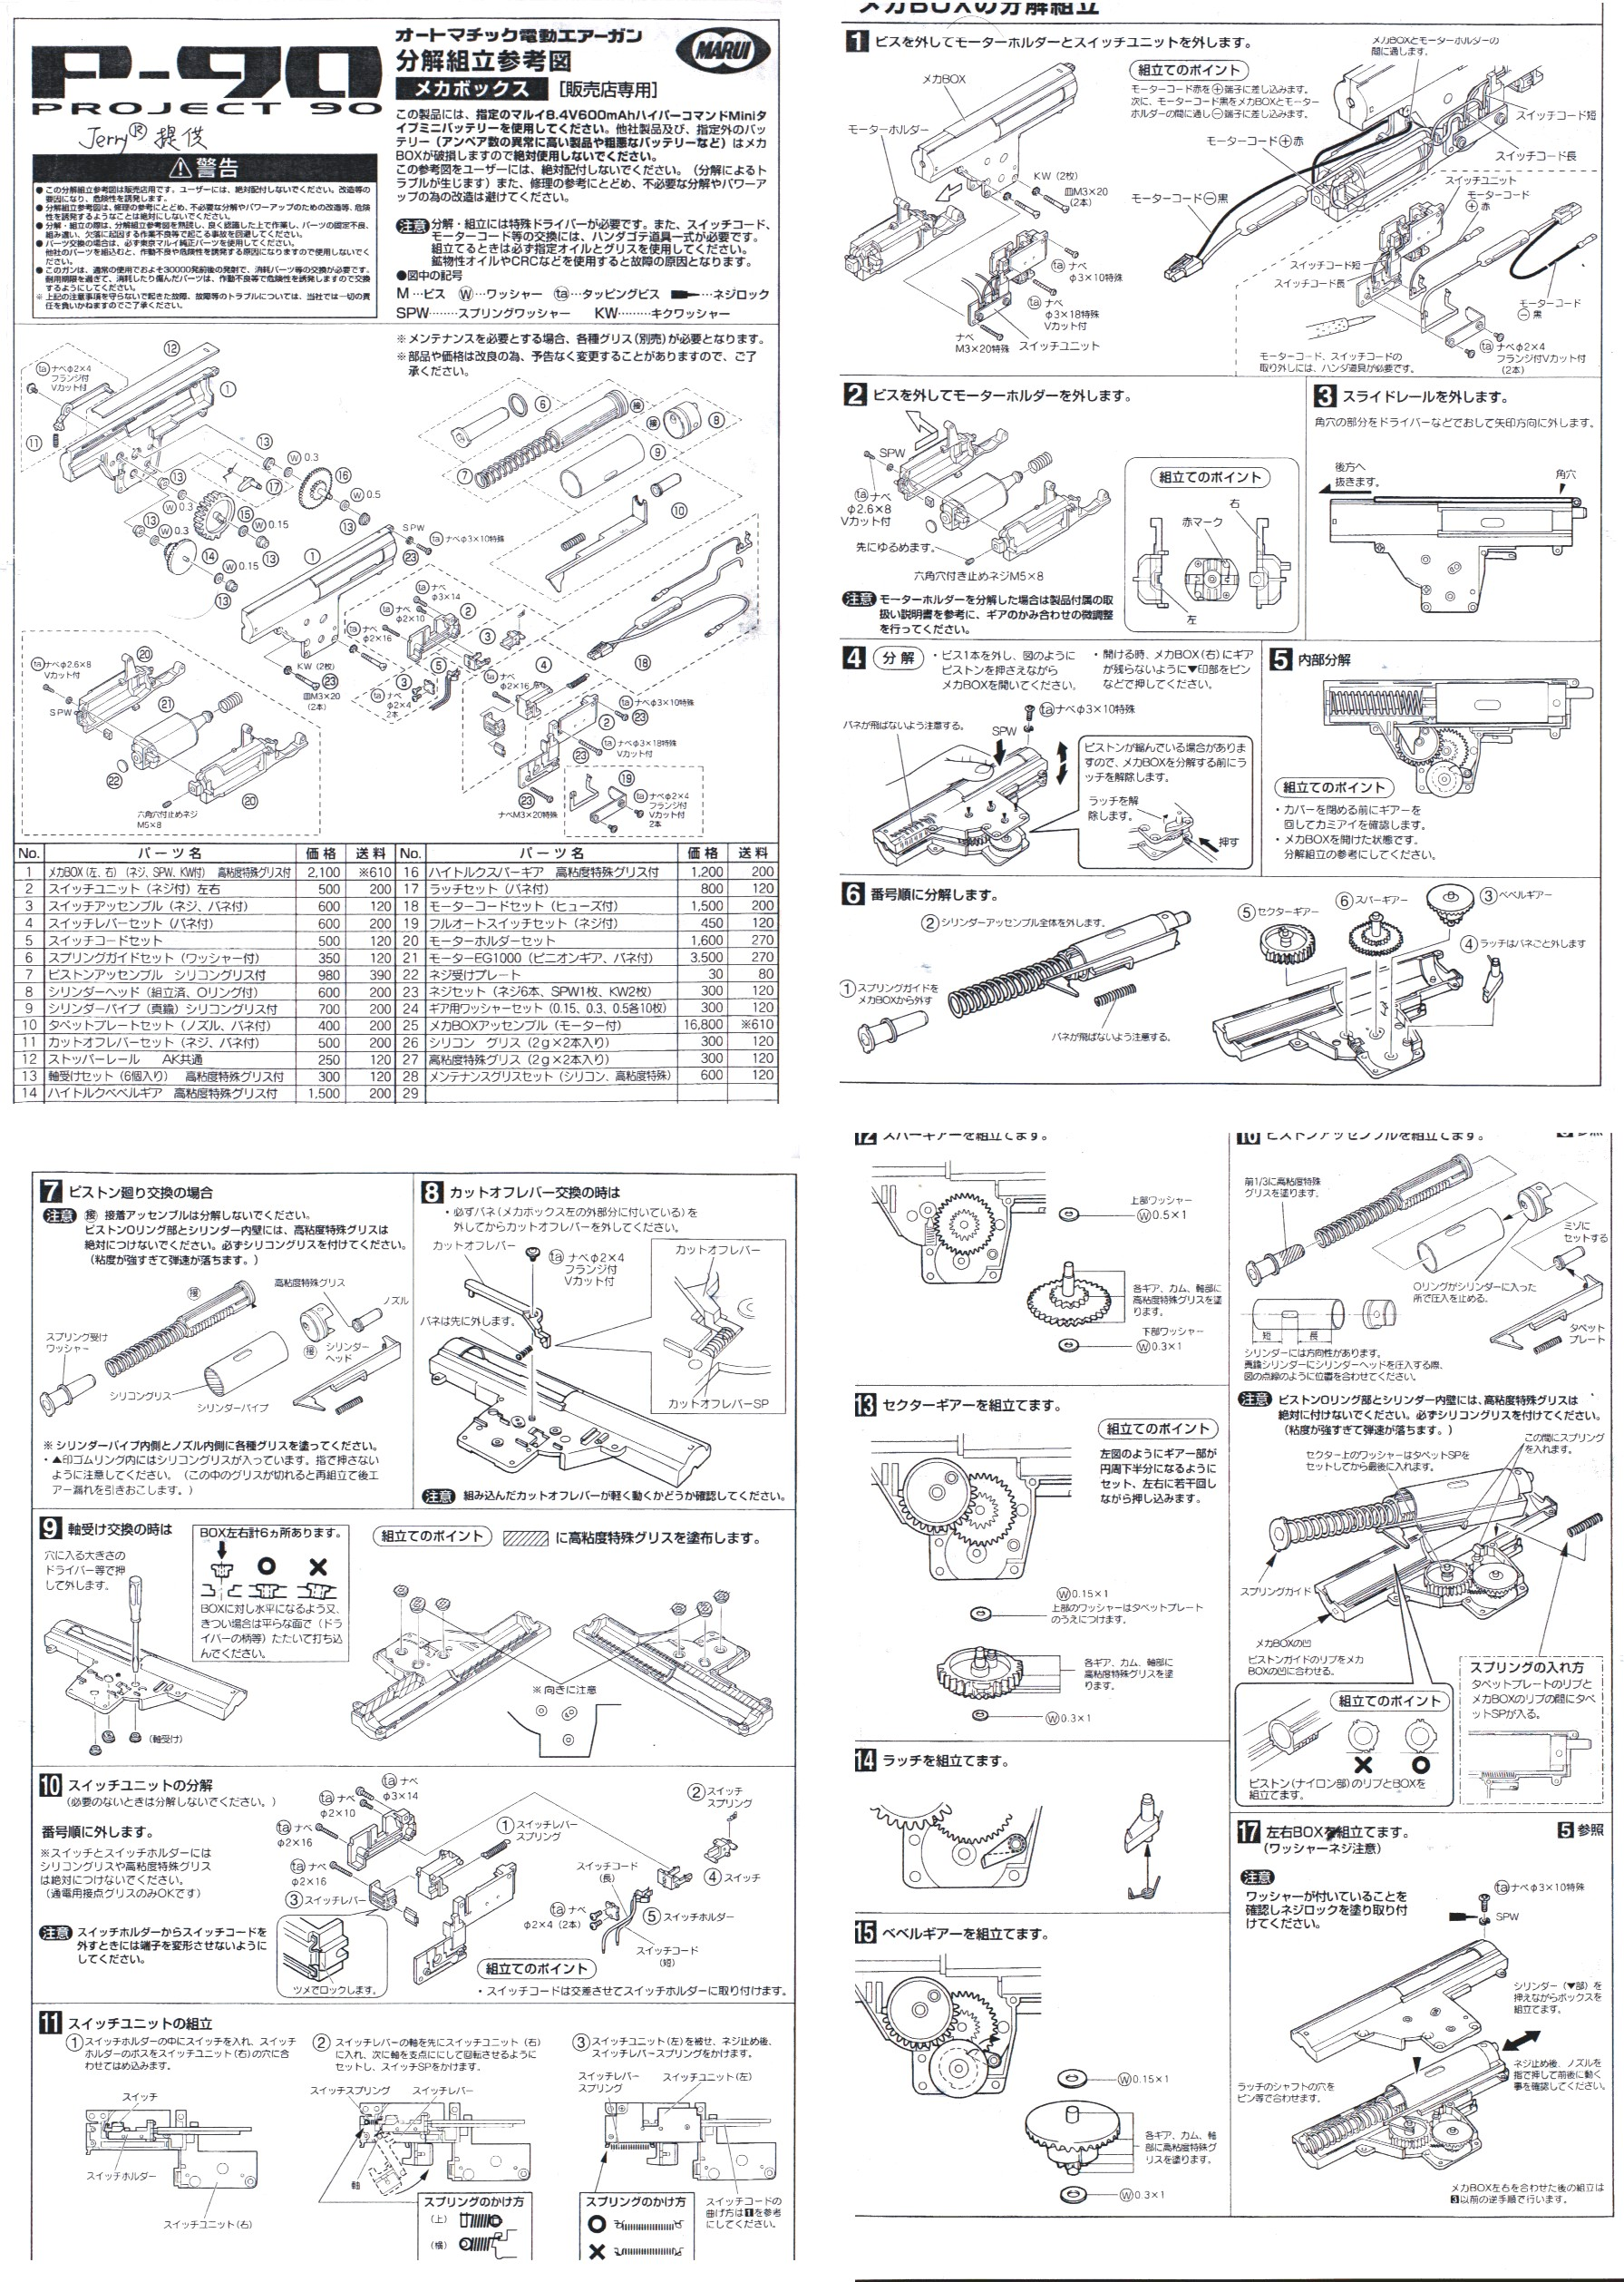 P90, FN Herstal, Five-seveN, Tokyo Marui, Triple Rail